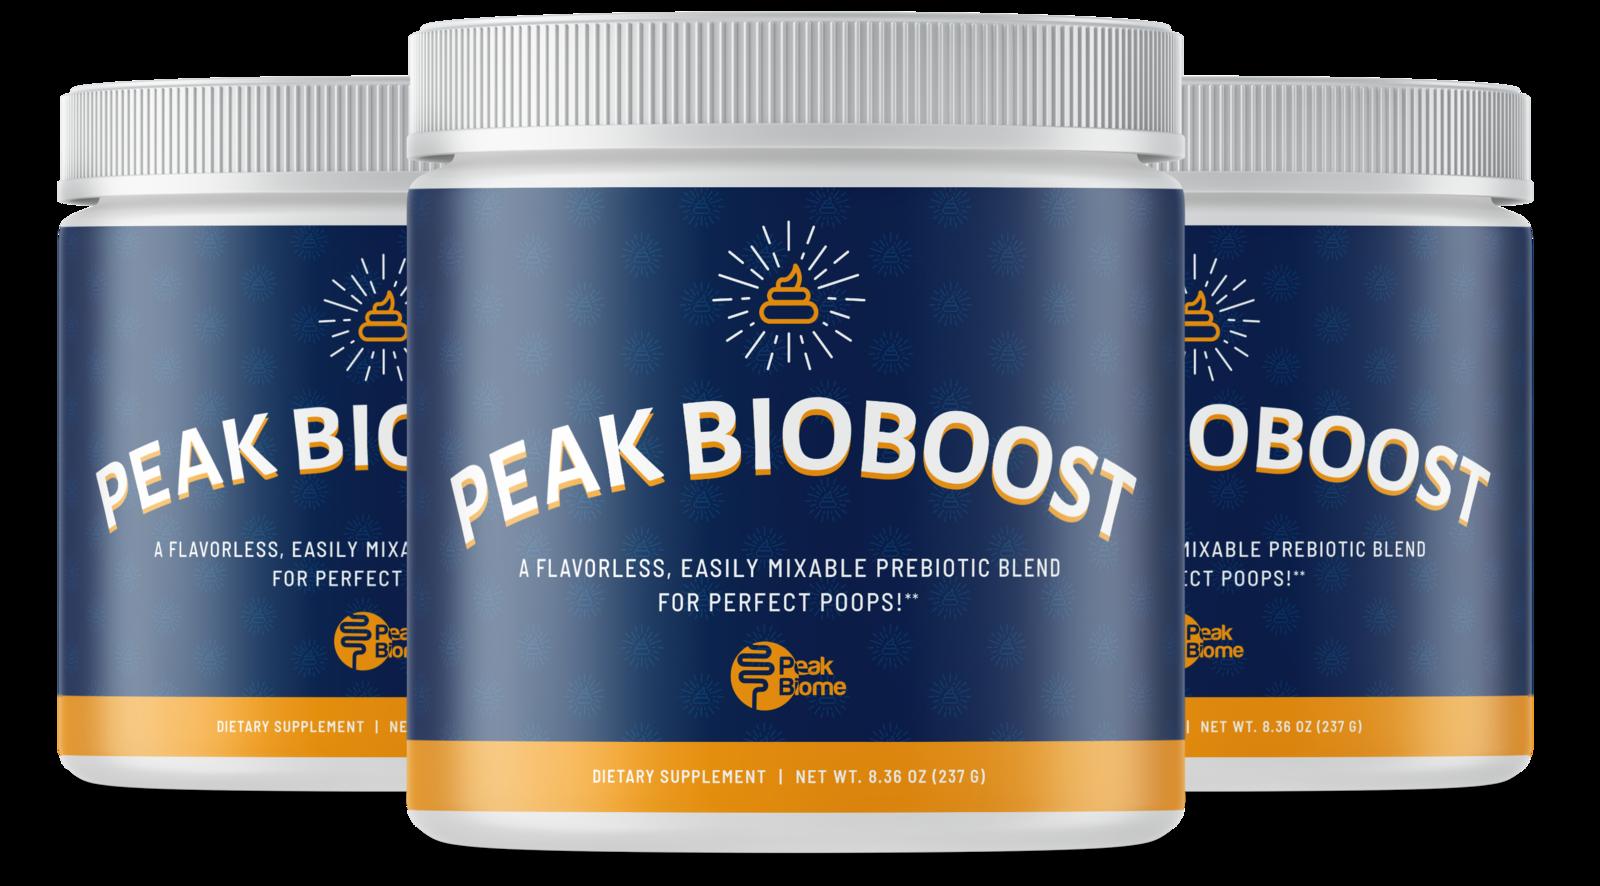 where to buy peak bioboost